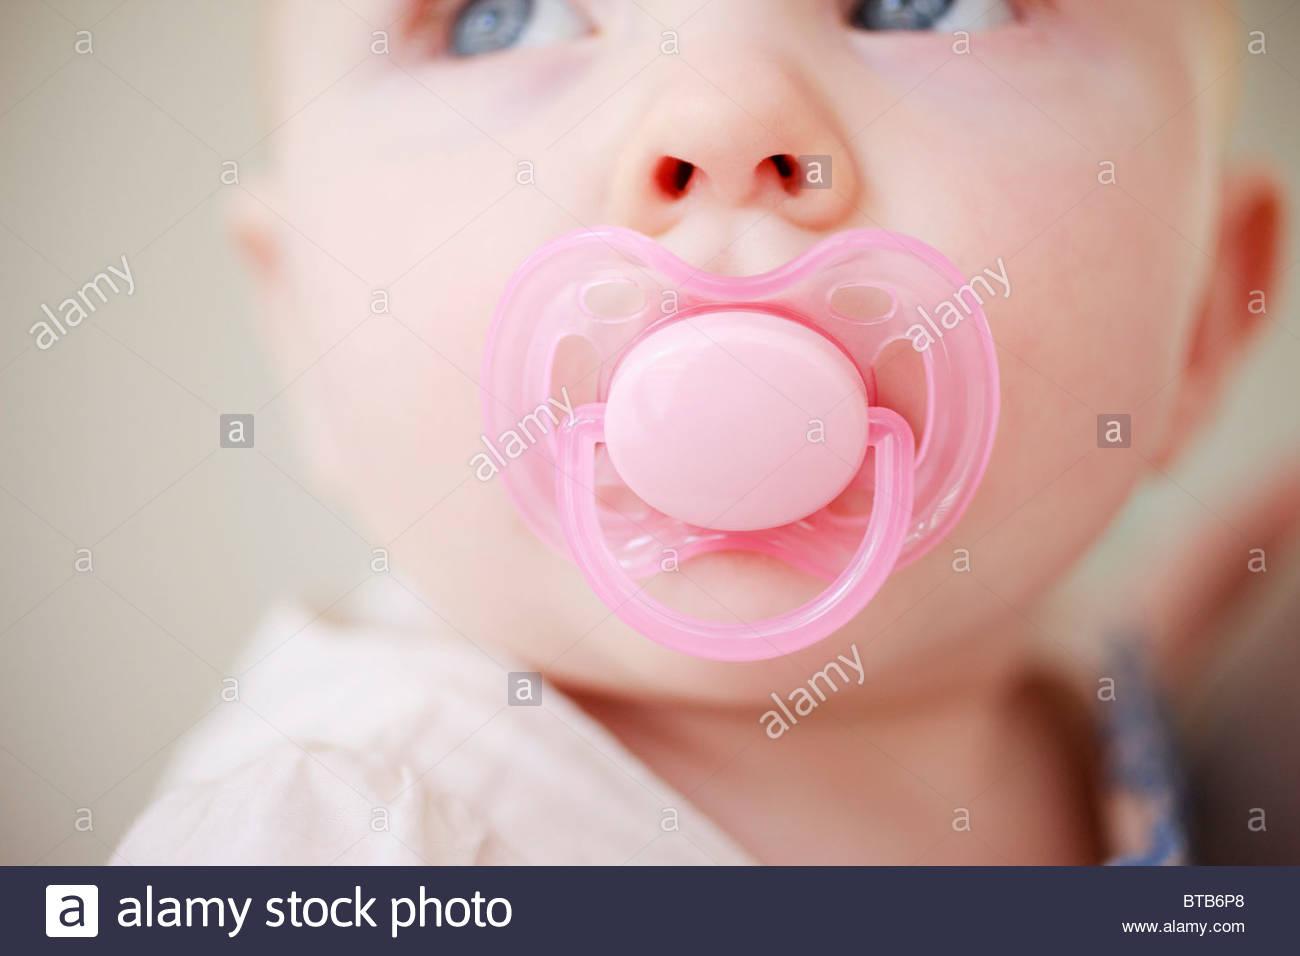 Chiusura del bambino con succhietto rosa Immagini Stock